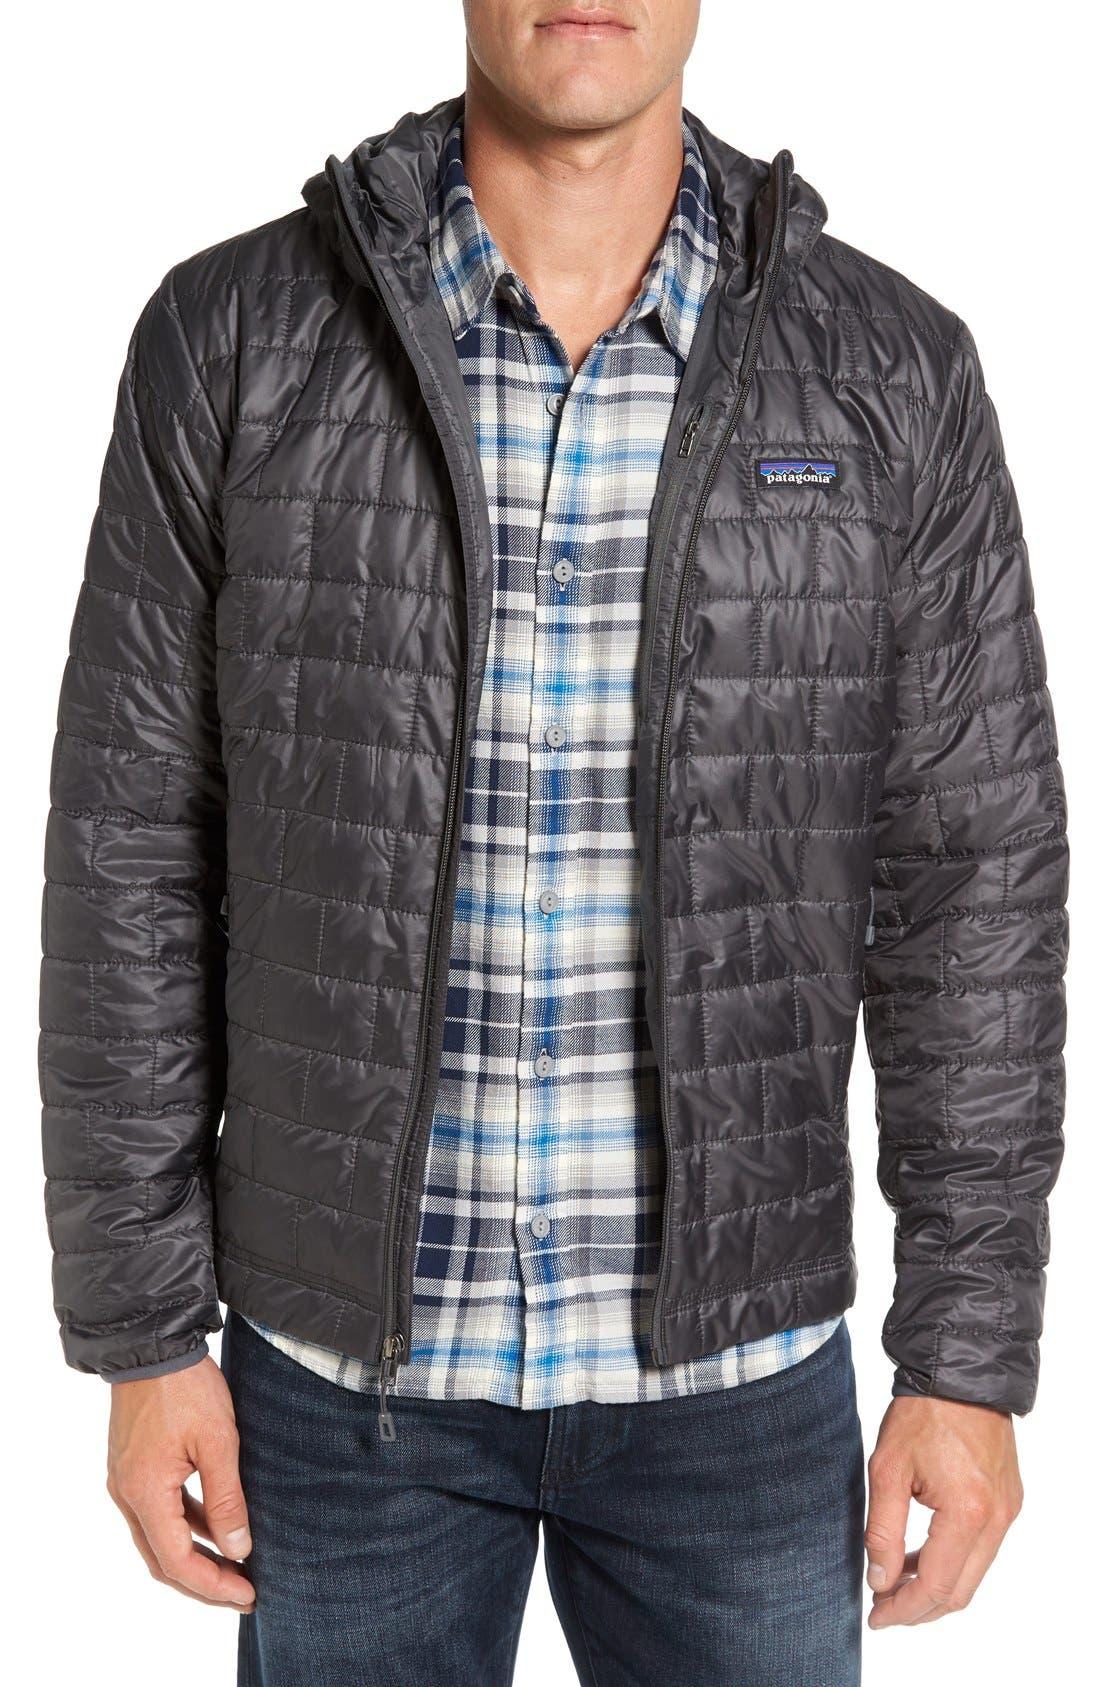 Patagonia Nano Puff Hooded Jacket, Grey